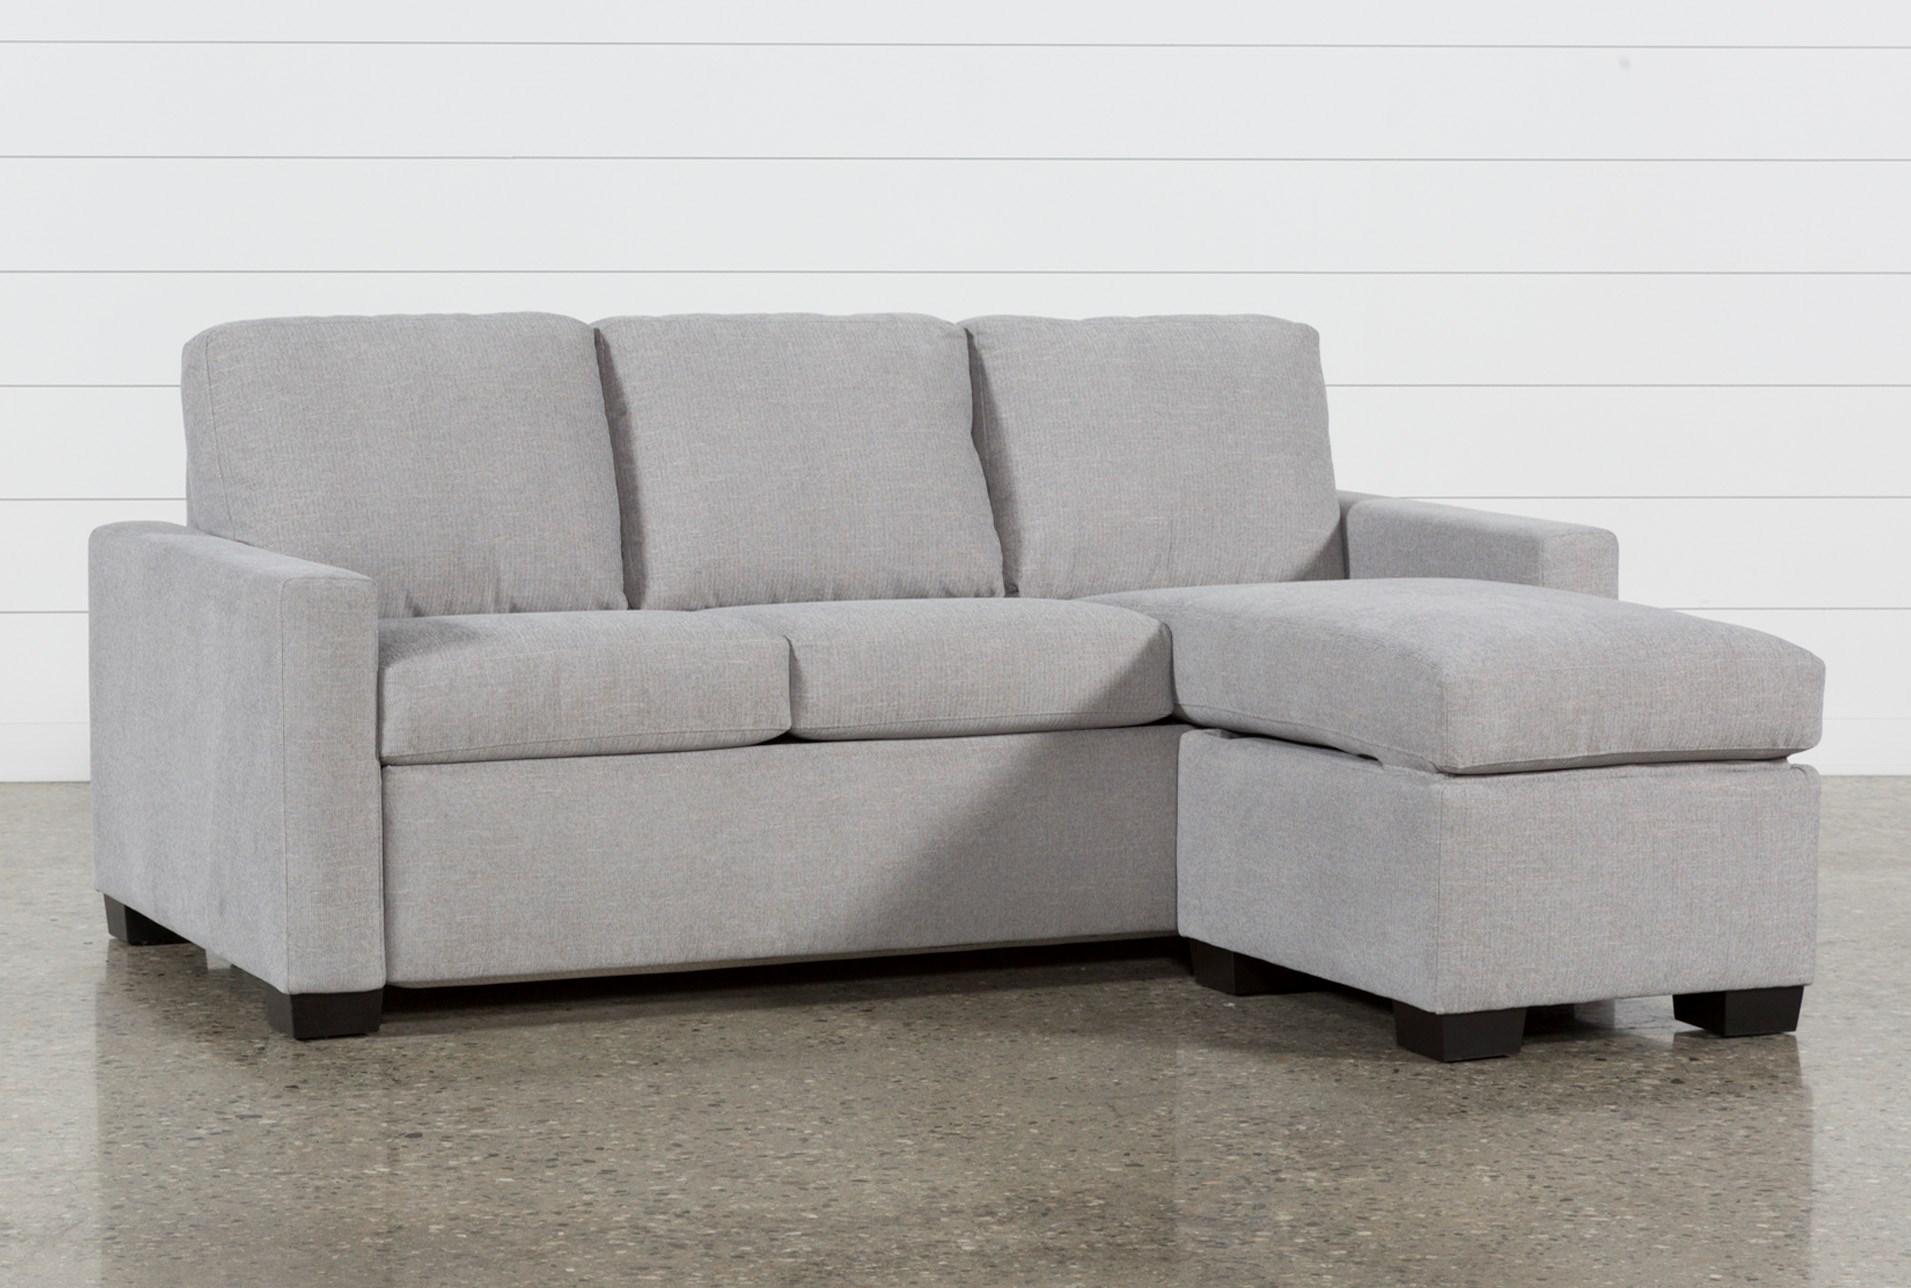 Mackenzie Silverpine Queen Plus Sofa Sleeper W Storage Chaise